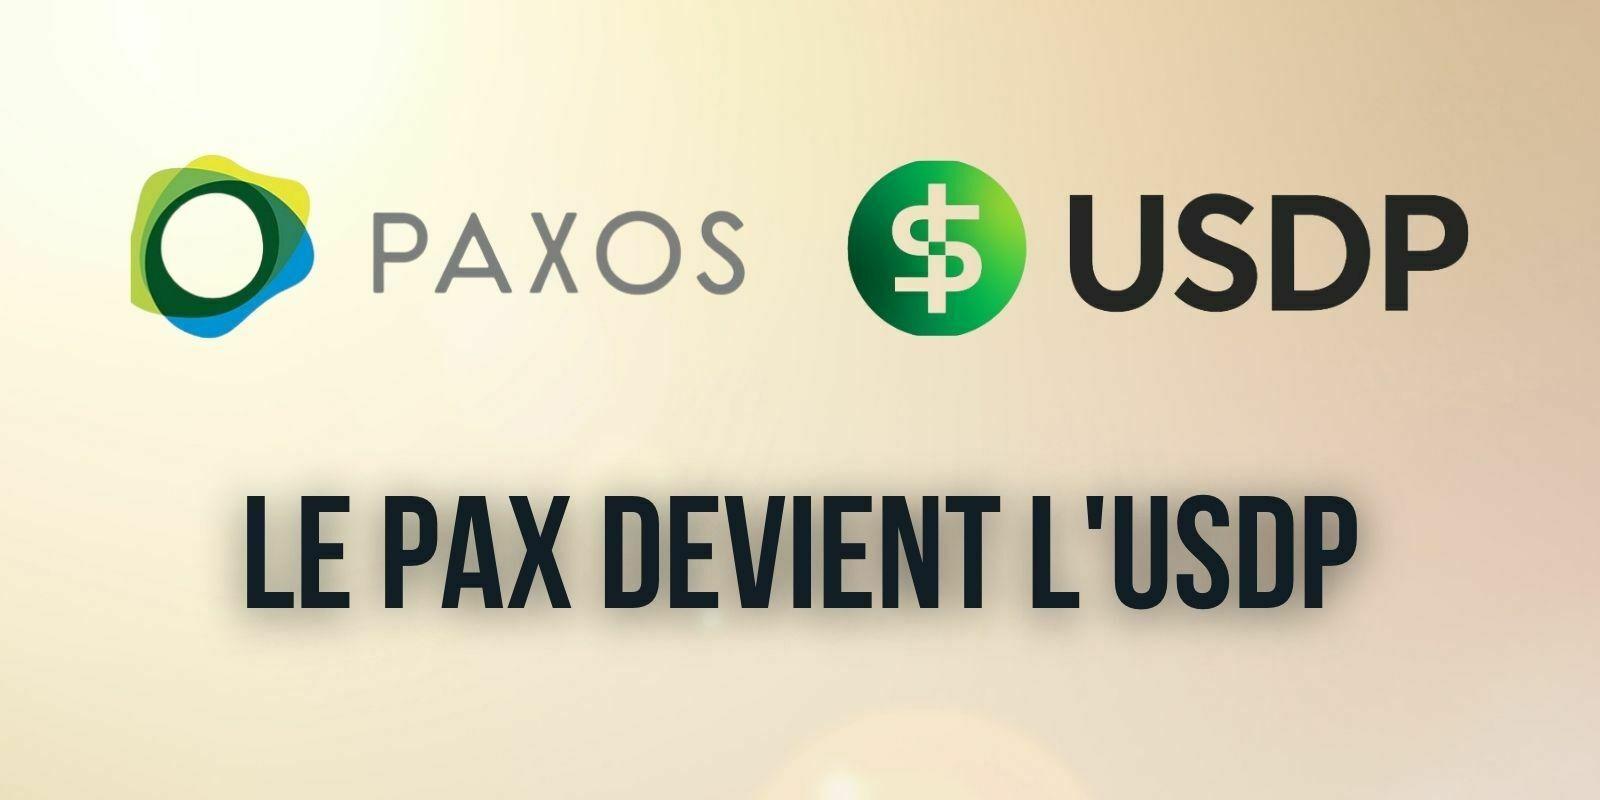 Le PAX de Paxos devient l'USDP – Une initiative nécessaire pour concurrencer les autres stablecoins ?